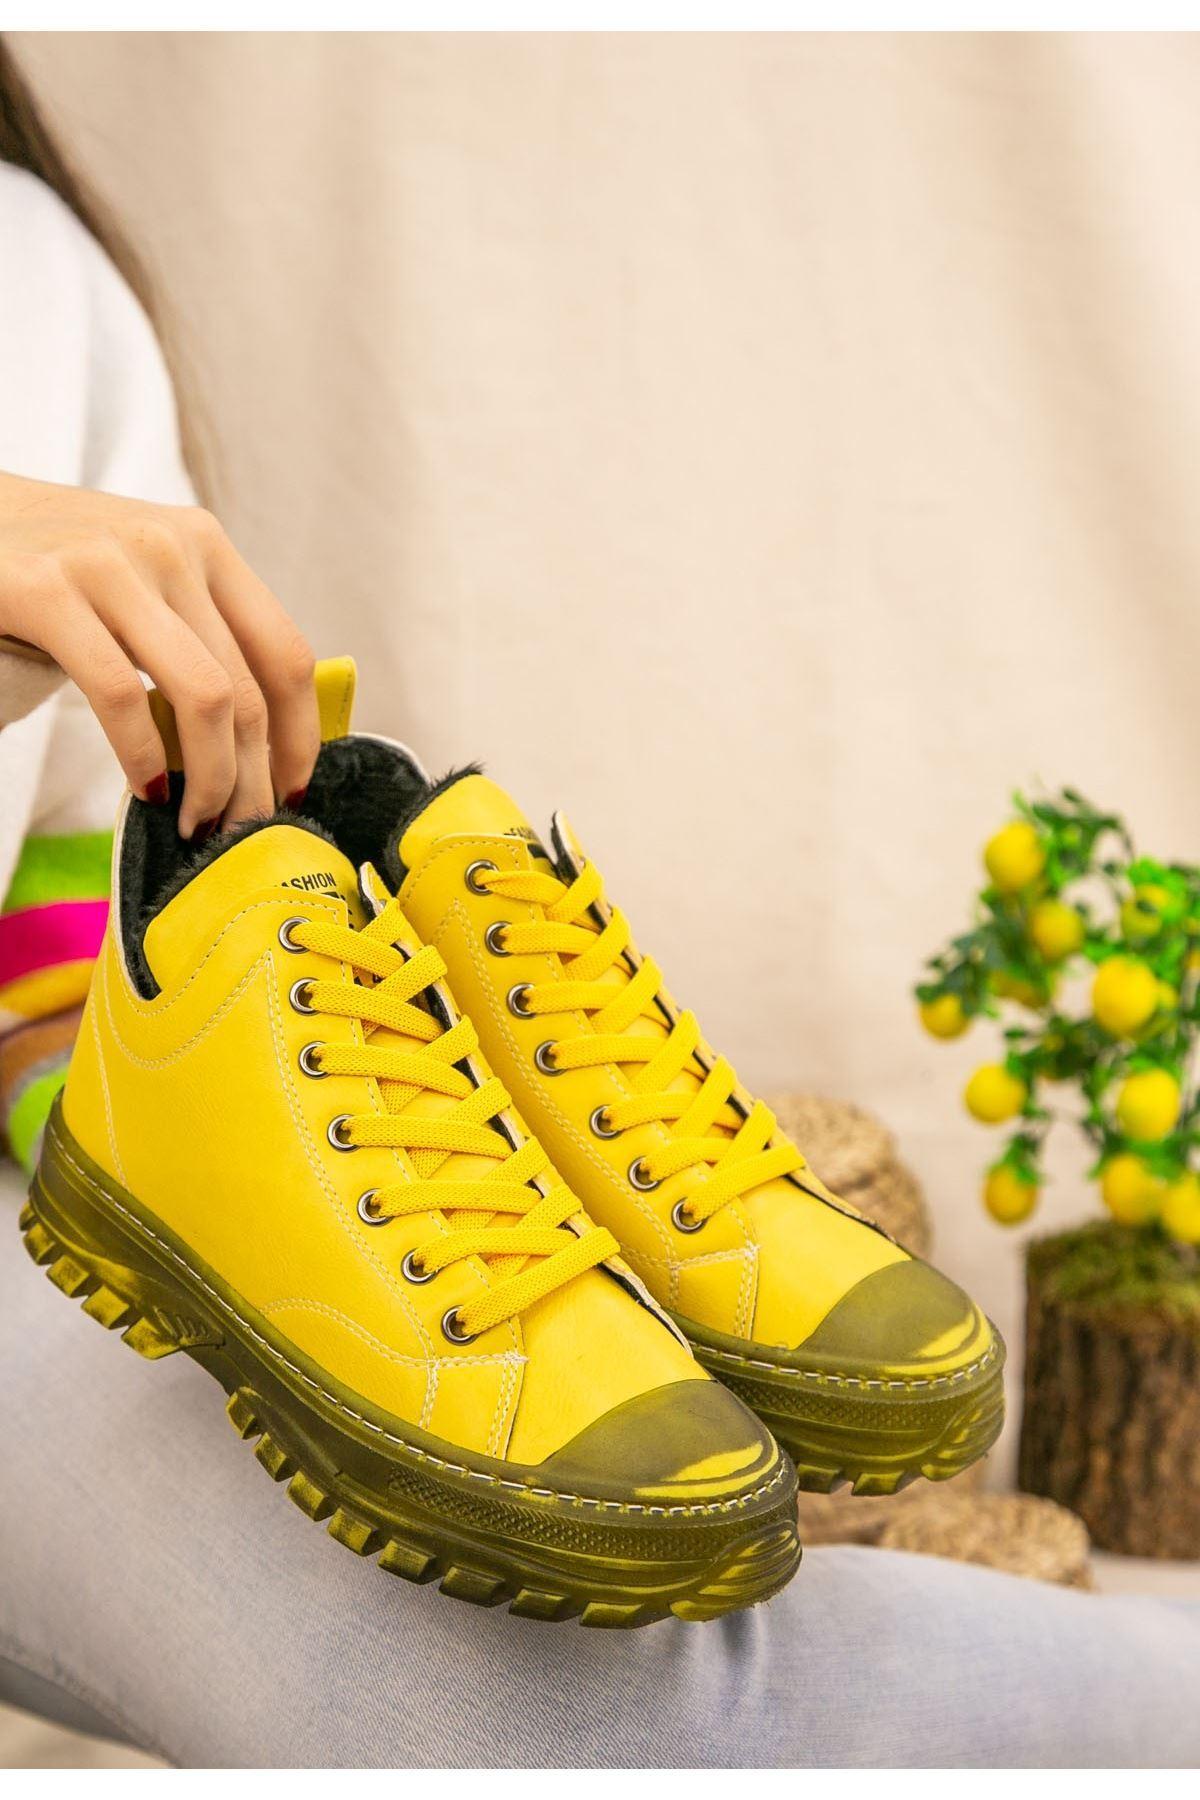 Ewan Sarı Cilt Bağcıklı Bot